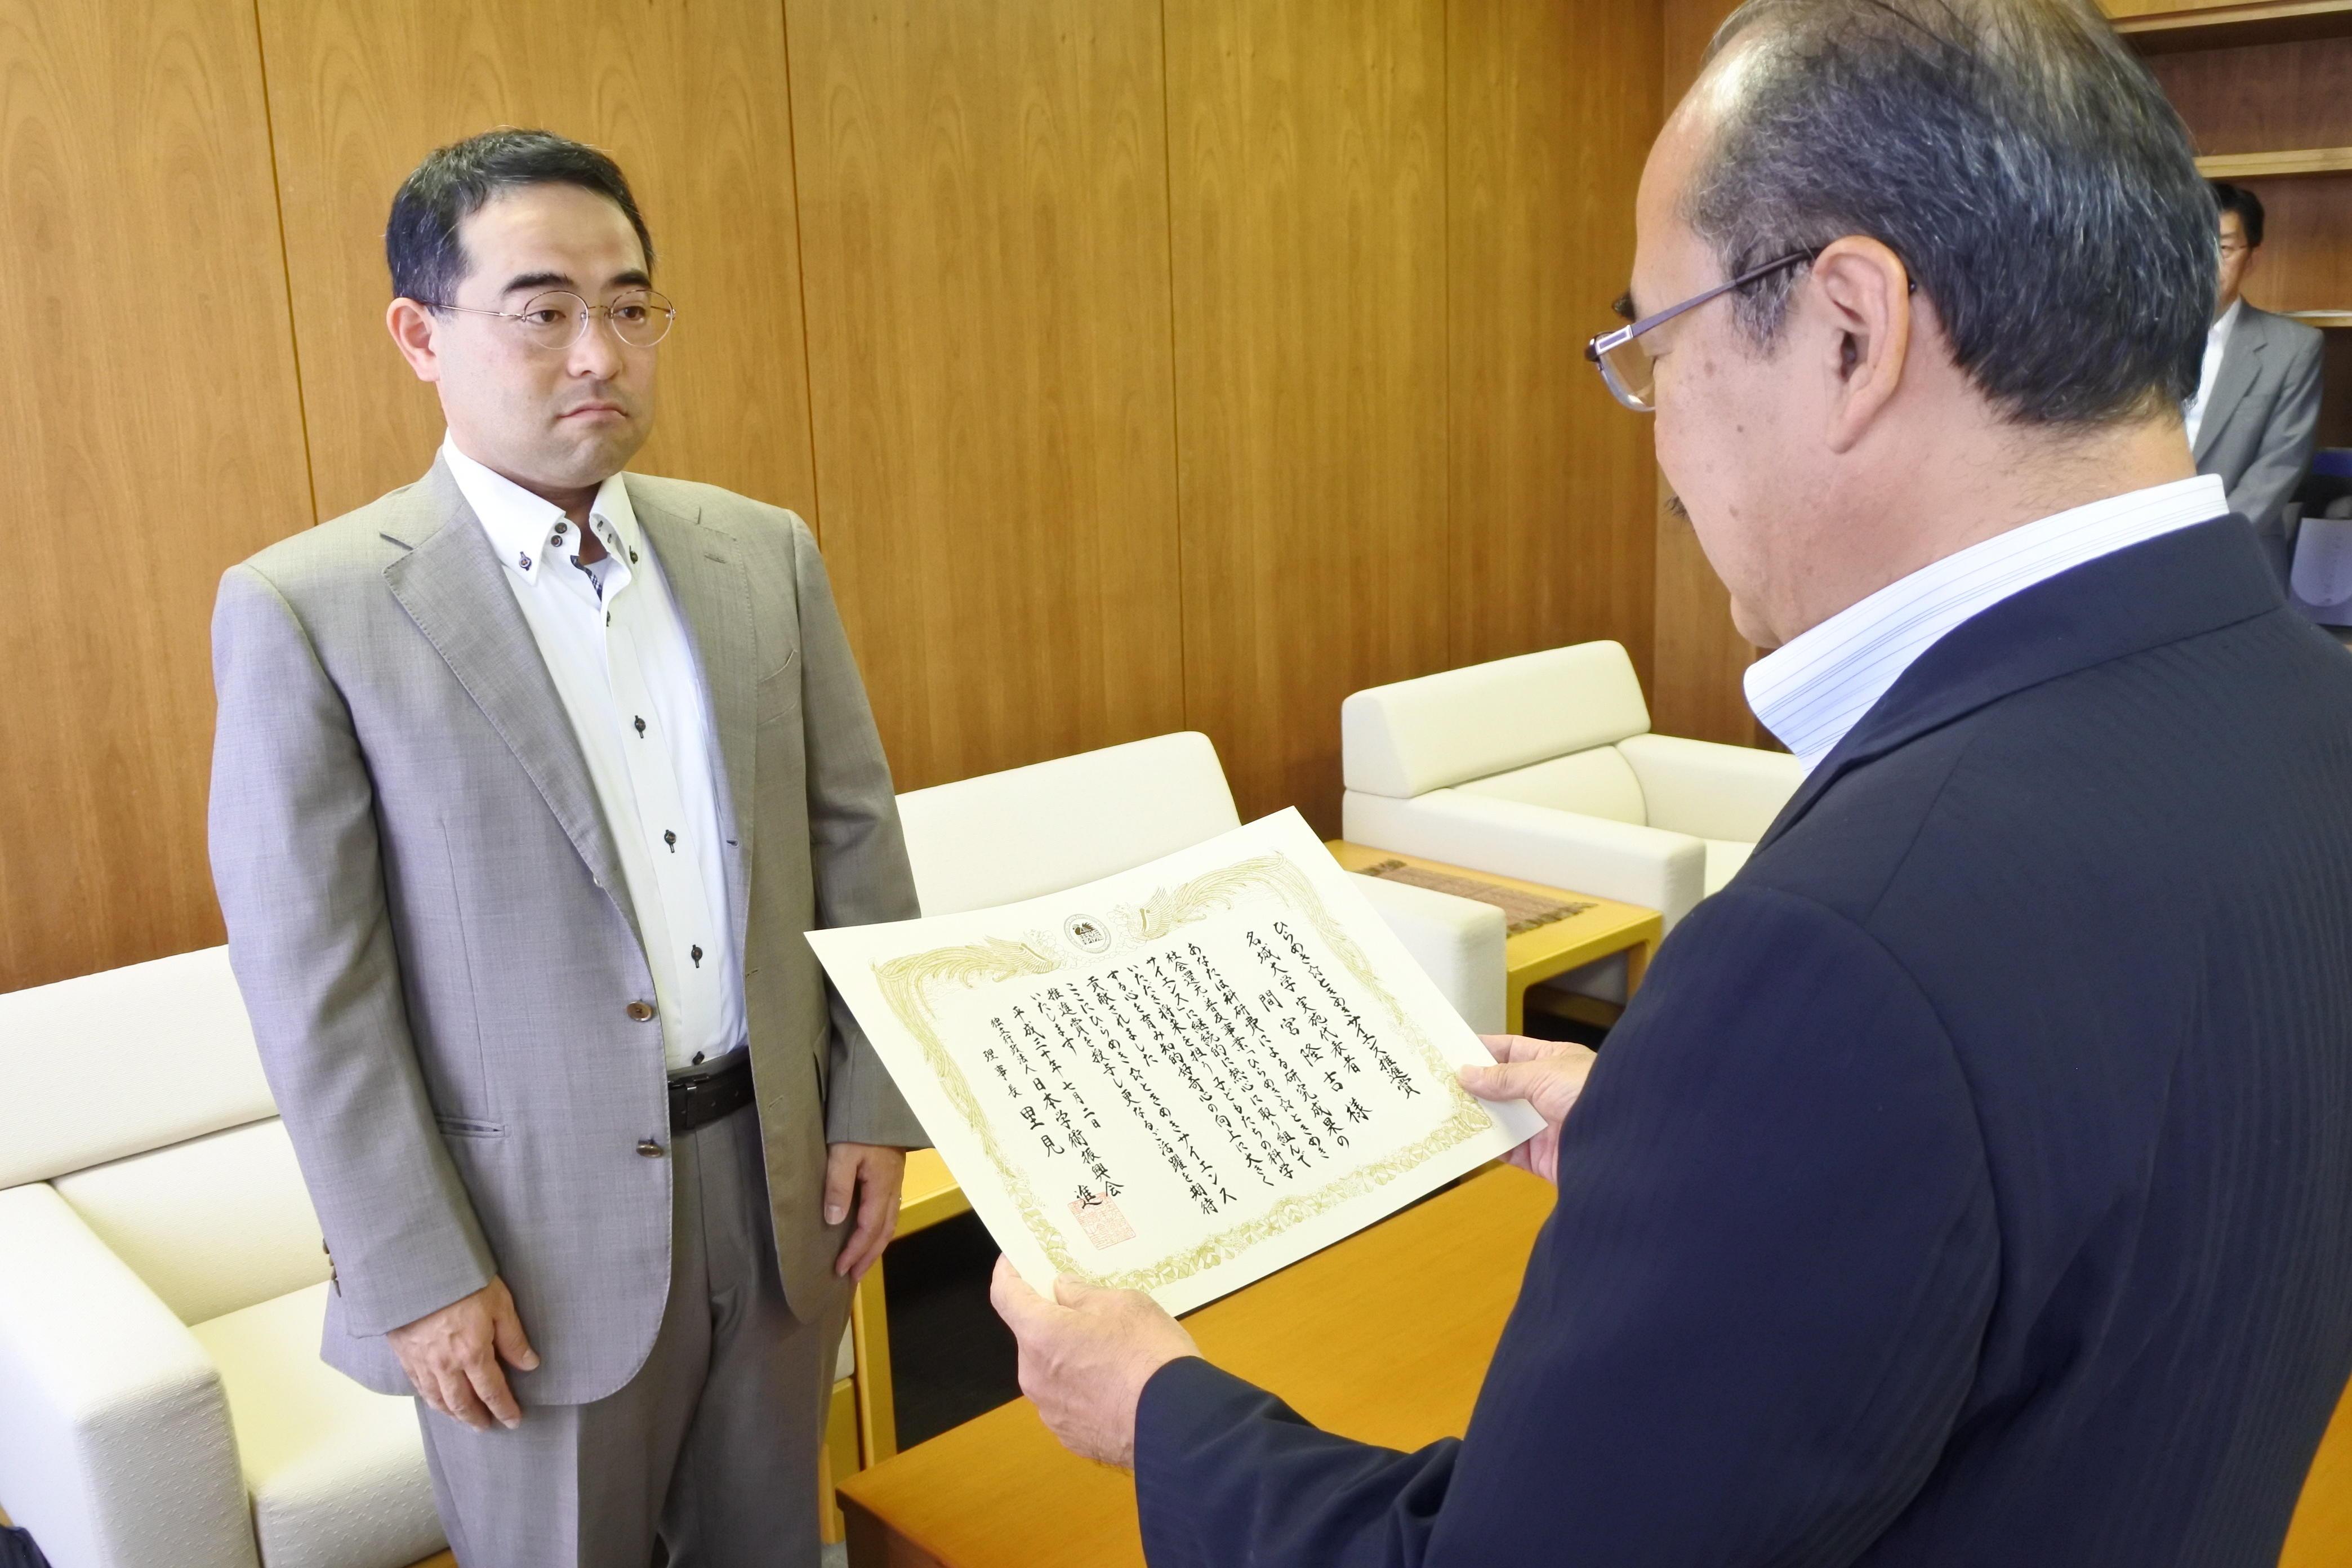 吉久学長(右)から表彰状を受け取る間宮准教授